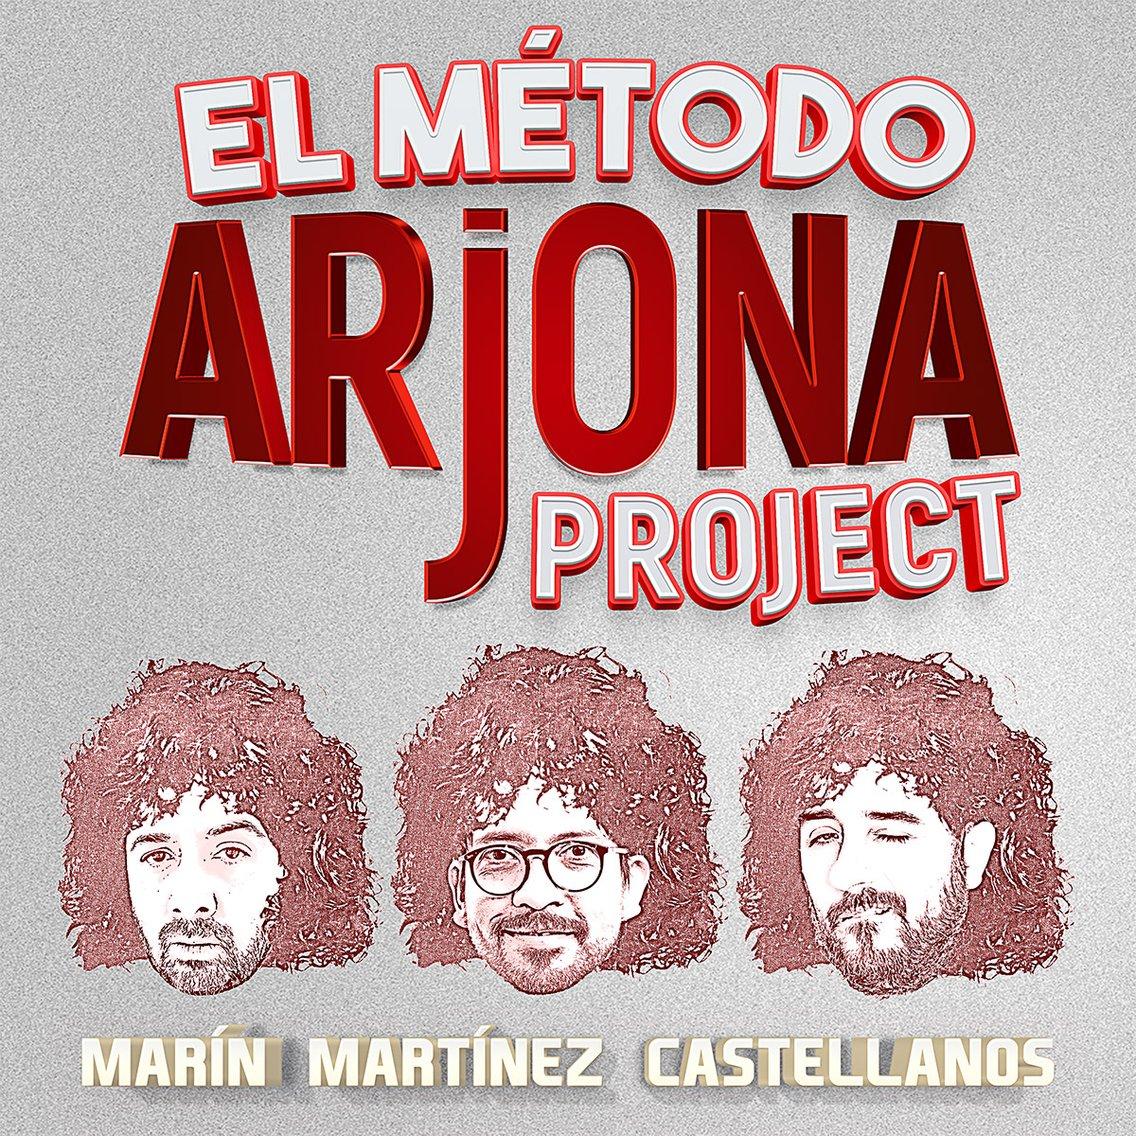 El método Arjona project - Cover Image